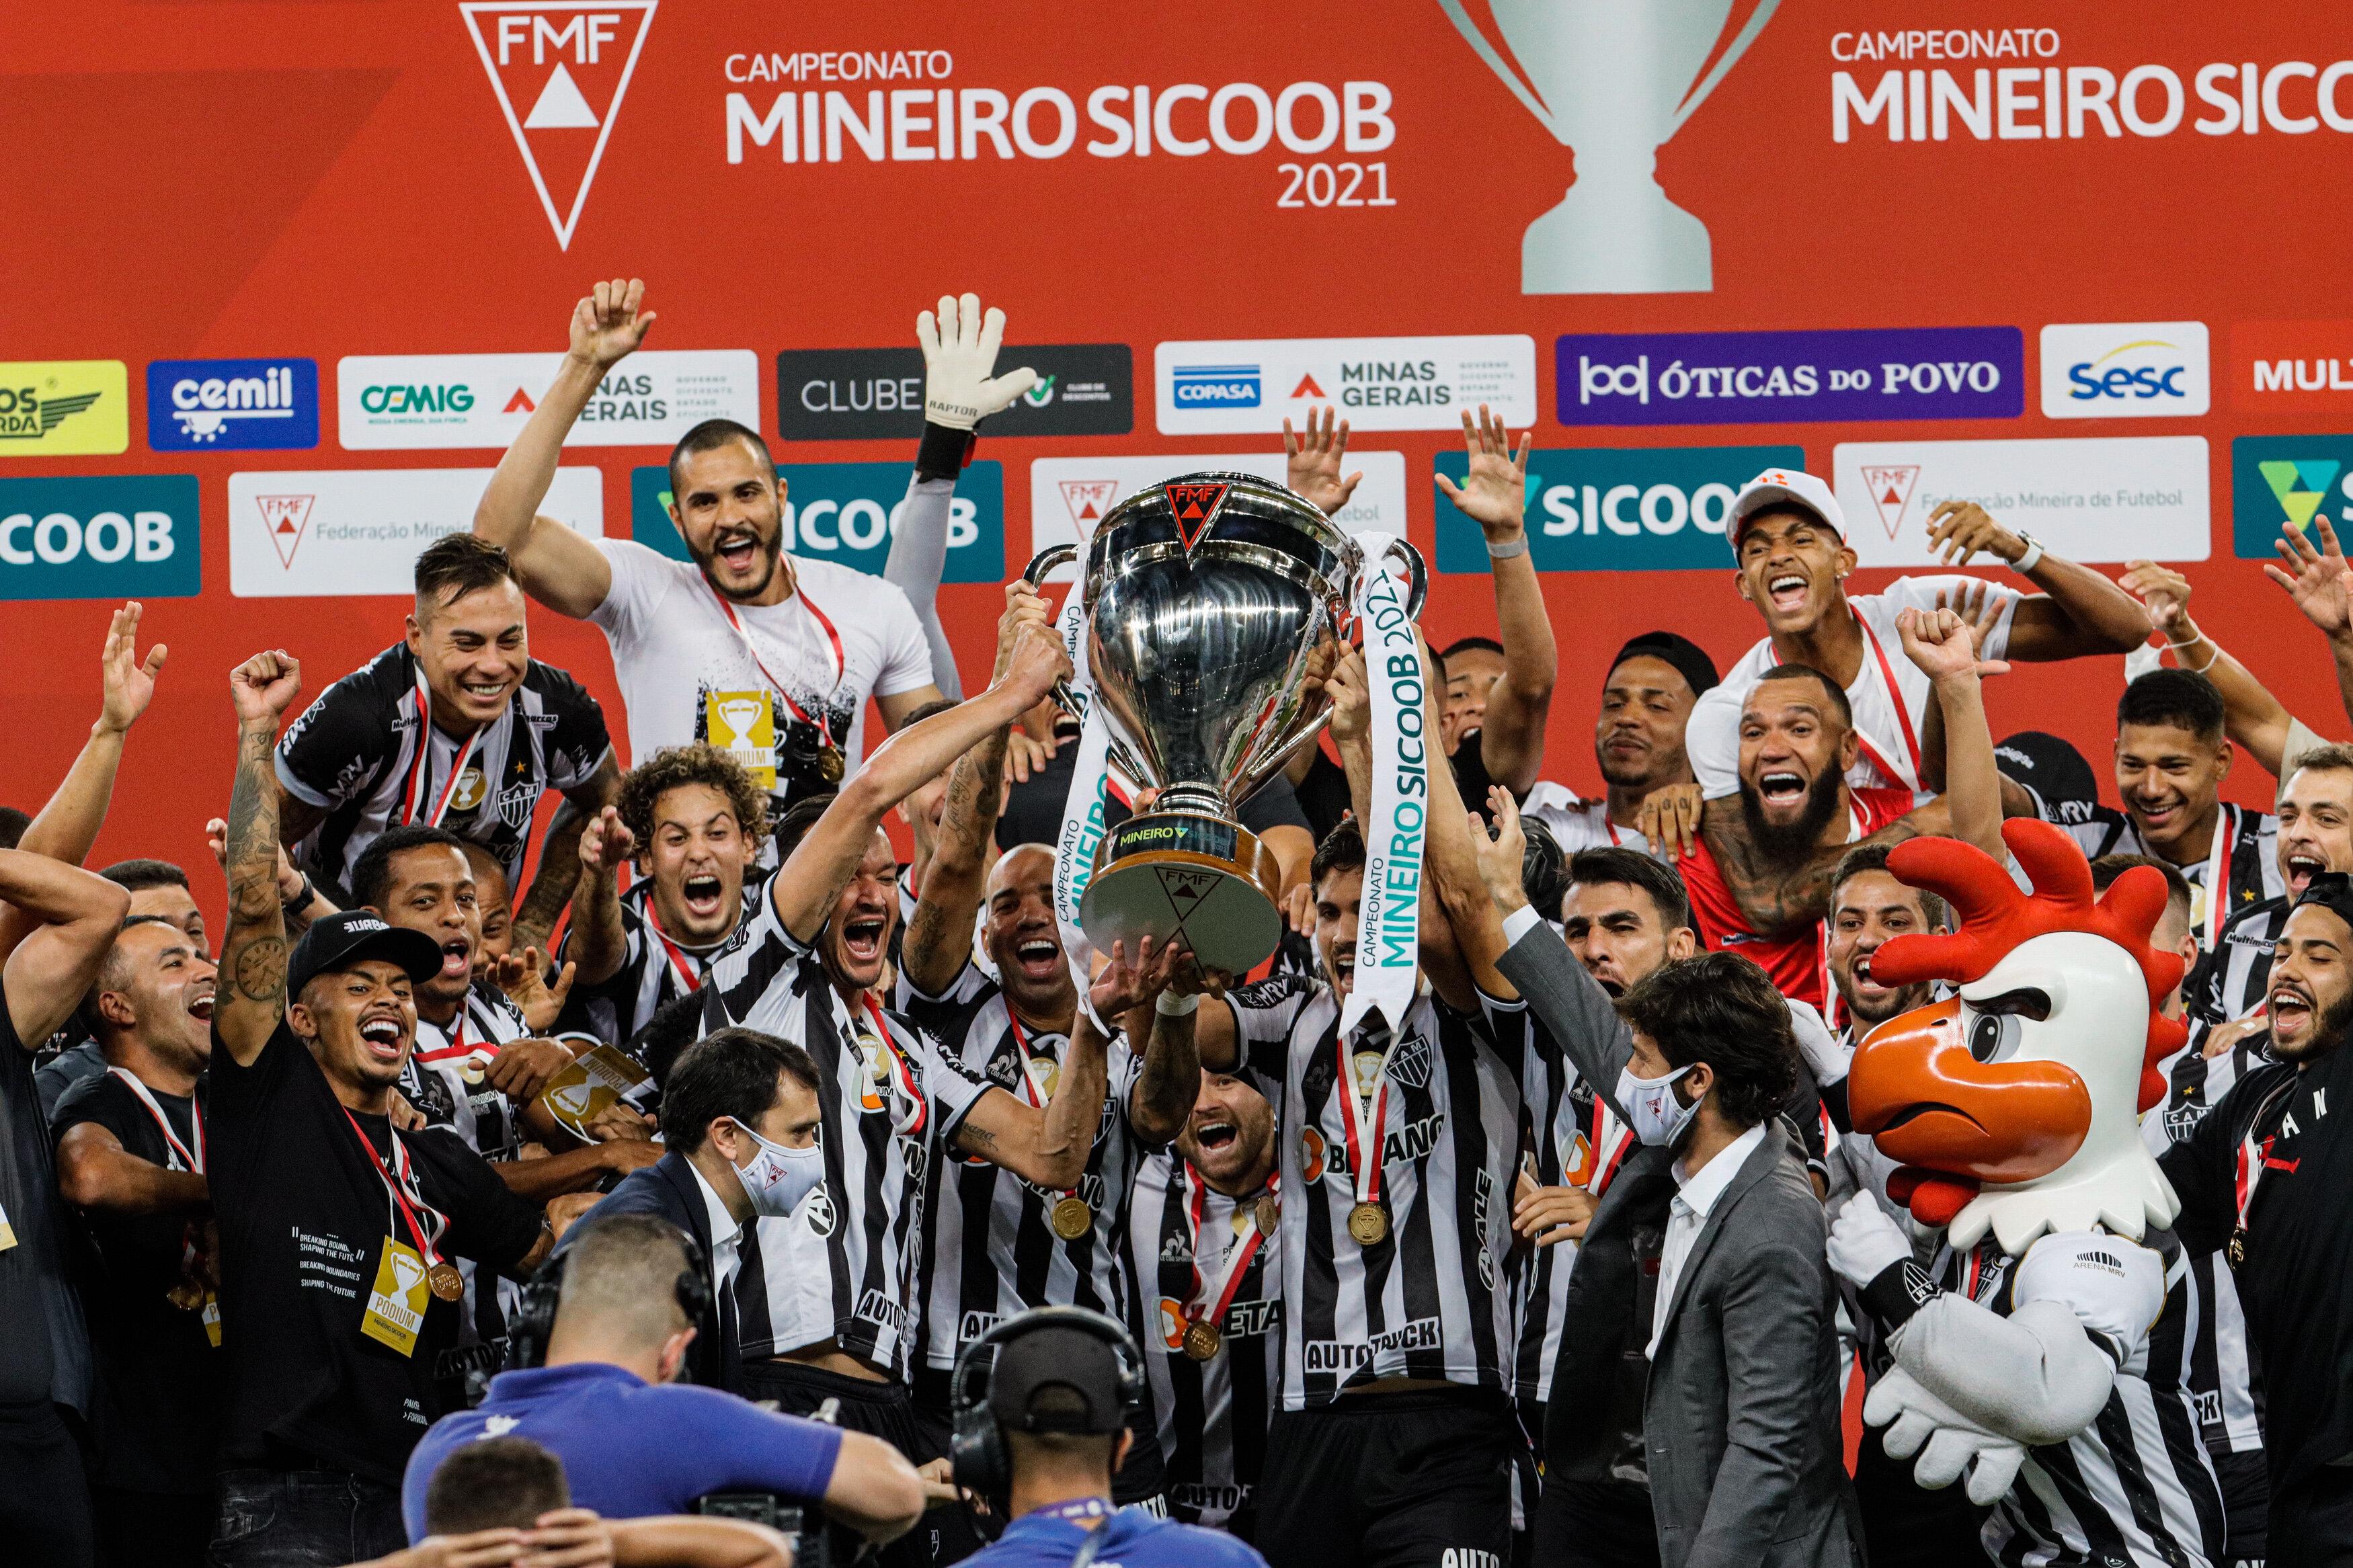 Jogadores do Atlético-MG comemoram o título do Campeonato Mineiro 2021